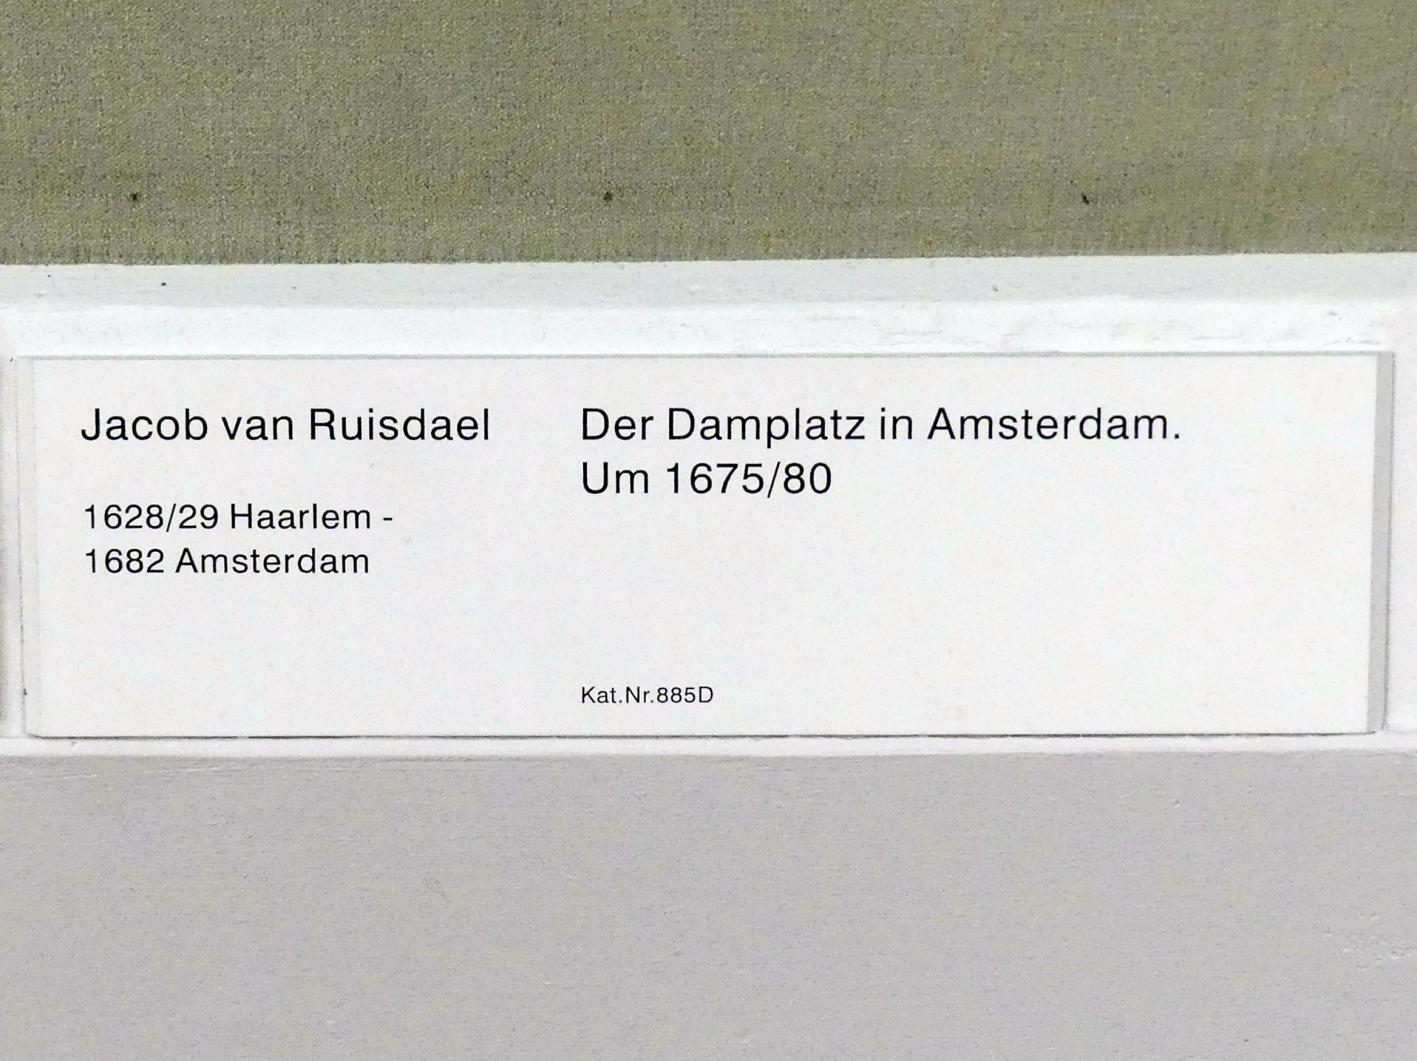 Jacob van Ruisdael: Der Damplatz in Amsterdam, um 1675 - 1680